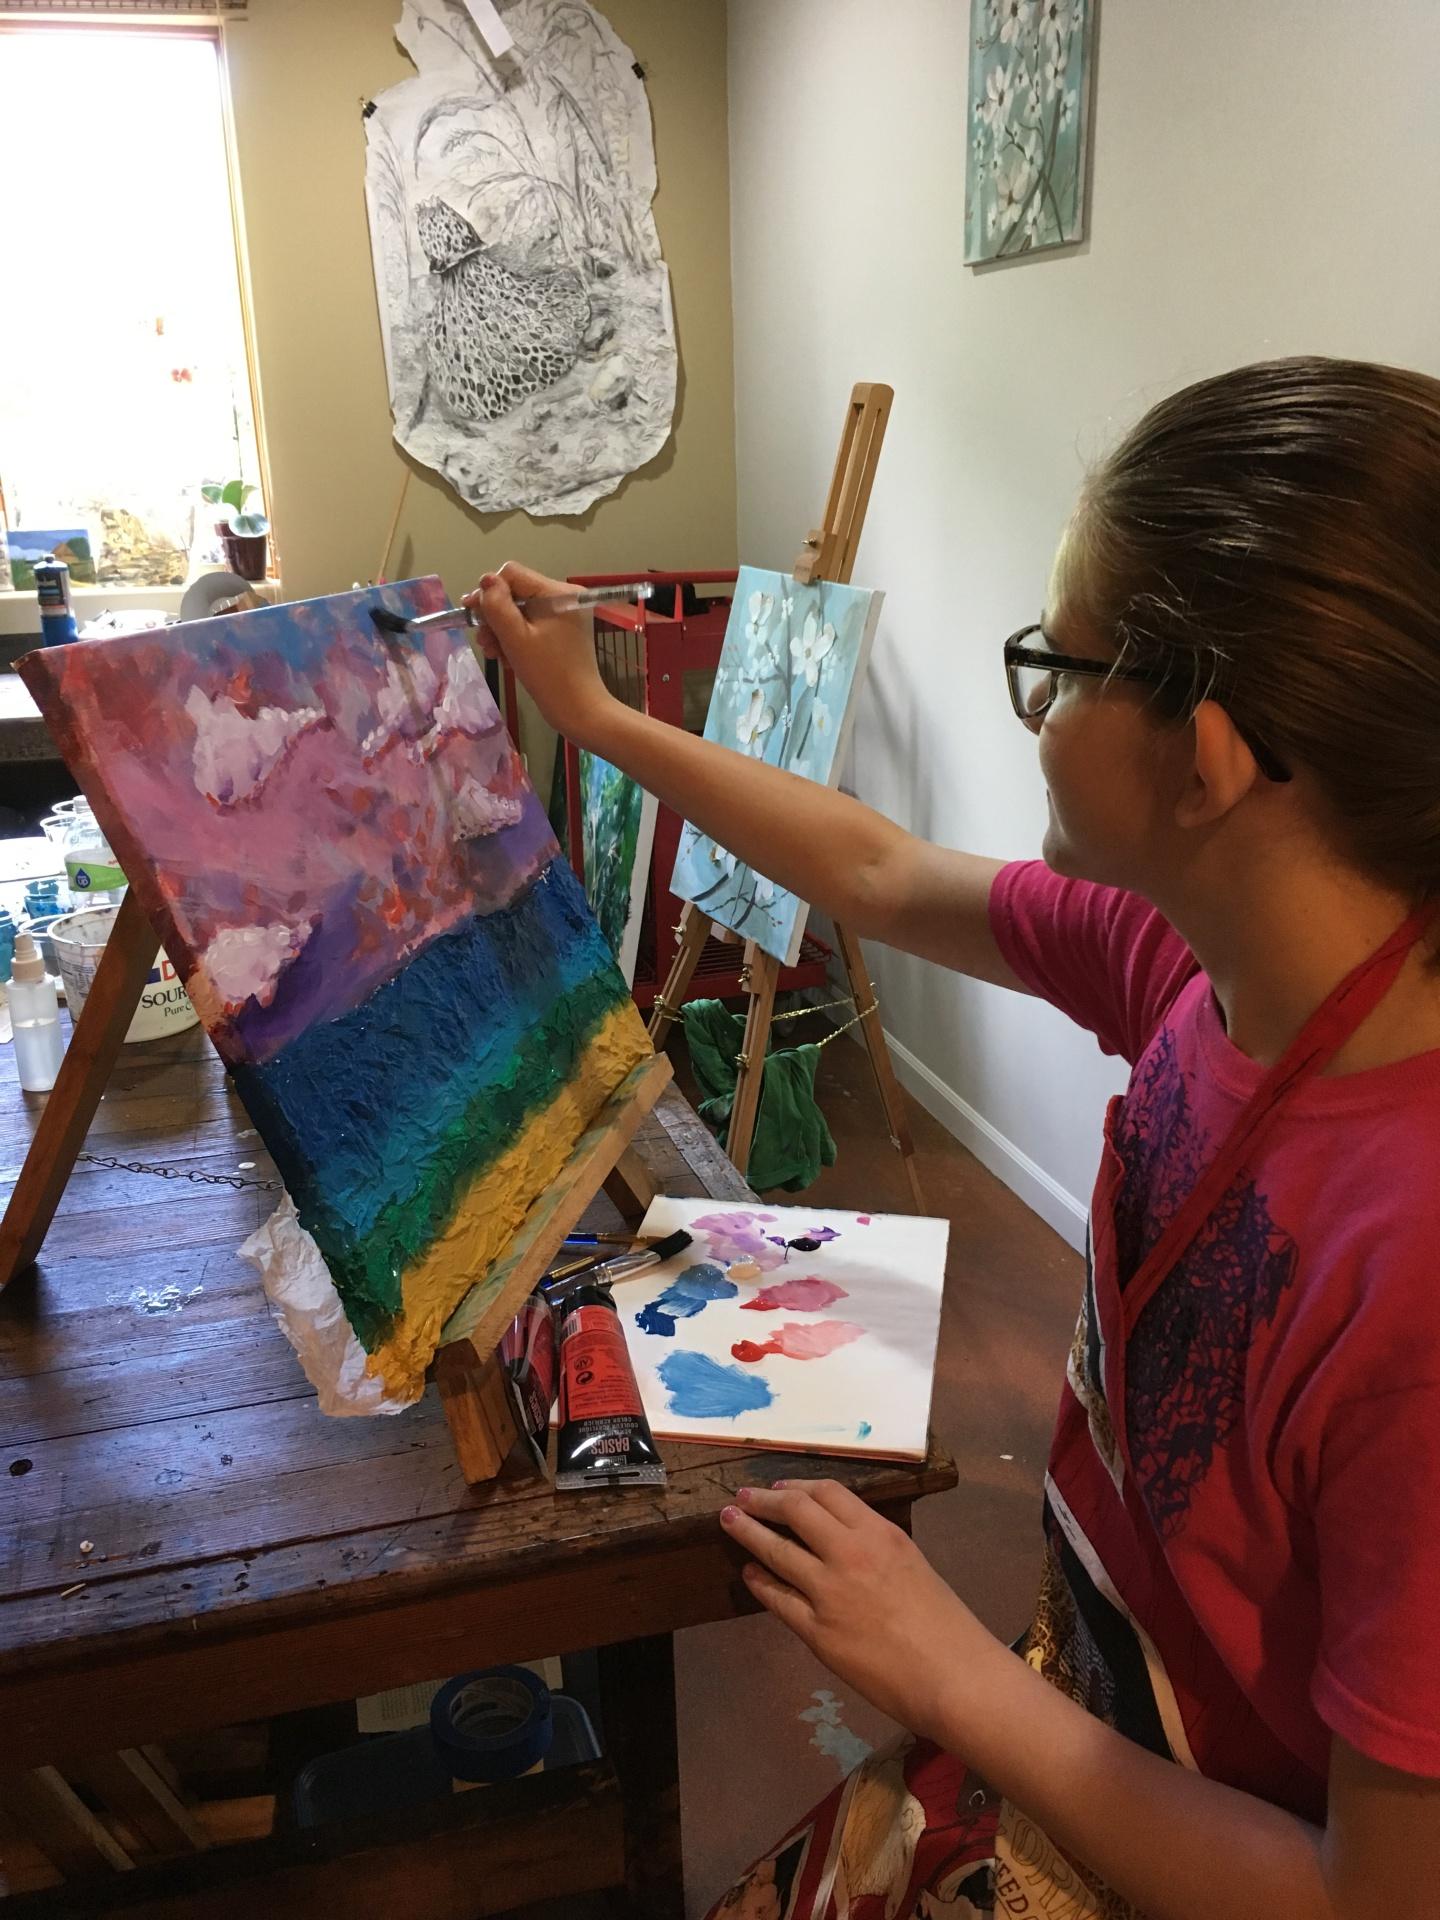 Ilana painting